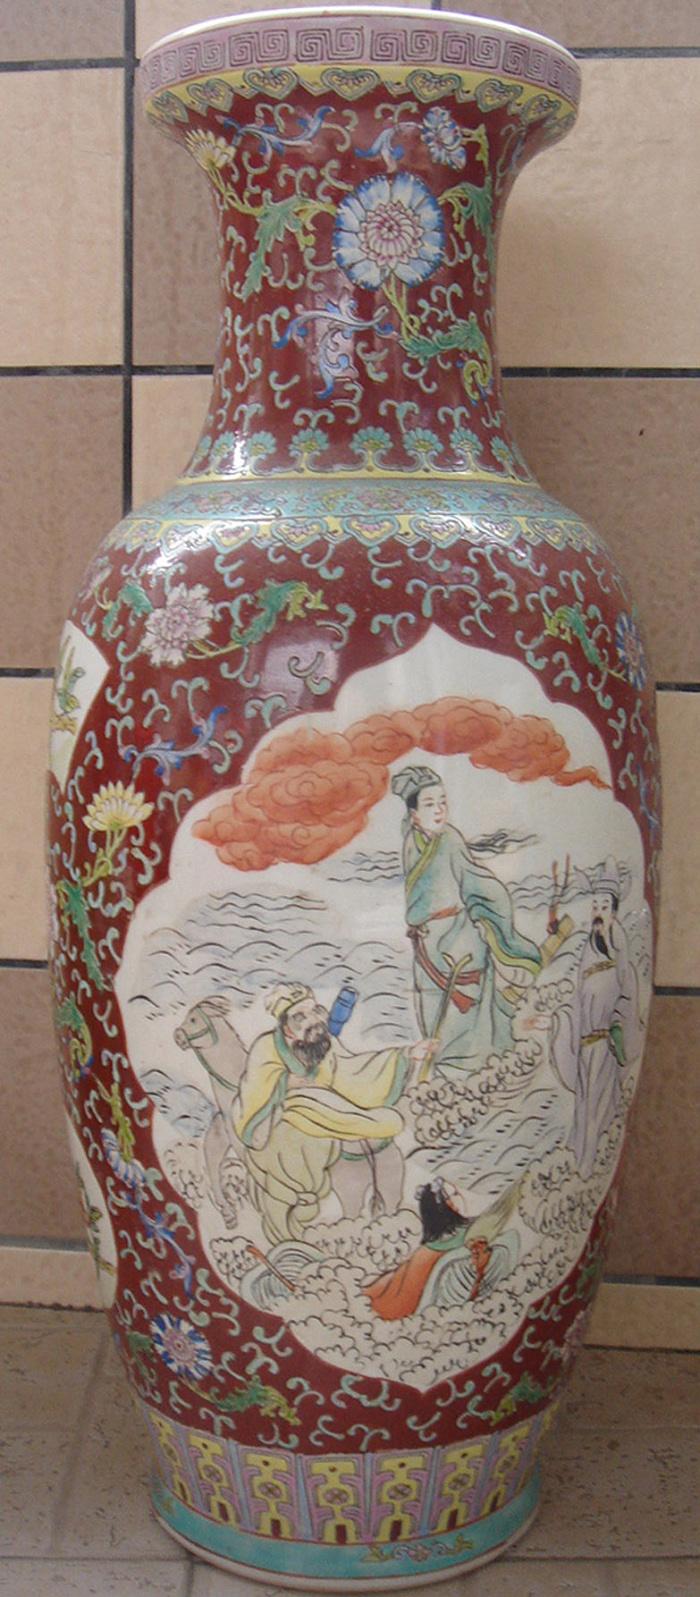 八仙过海瓶_八仙过海瓶鉴定_来自藏友chq542_陶瓷鉴定